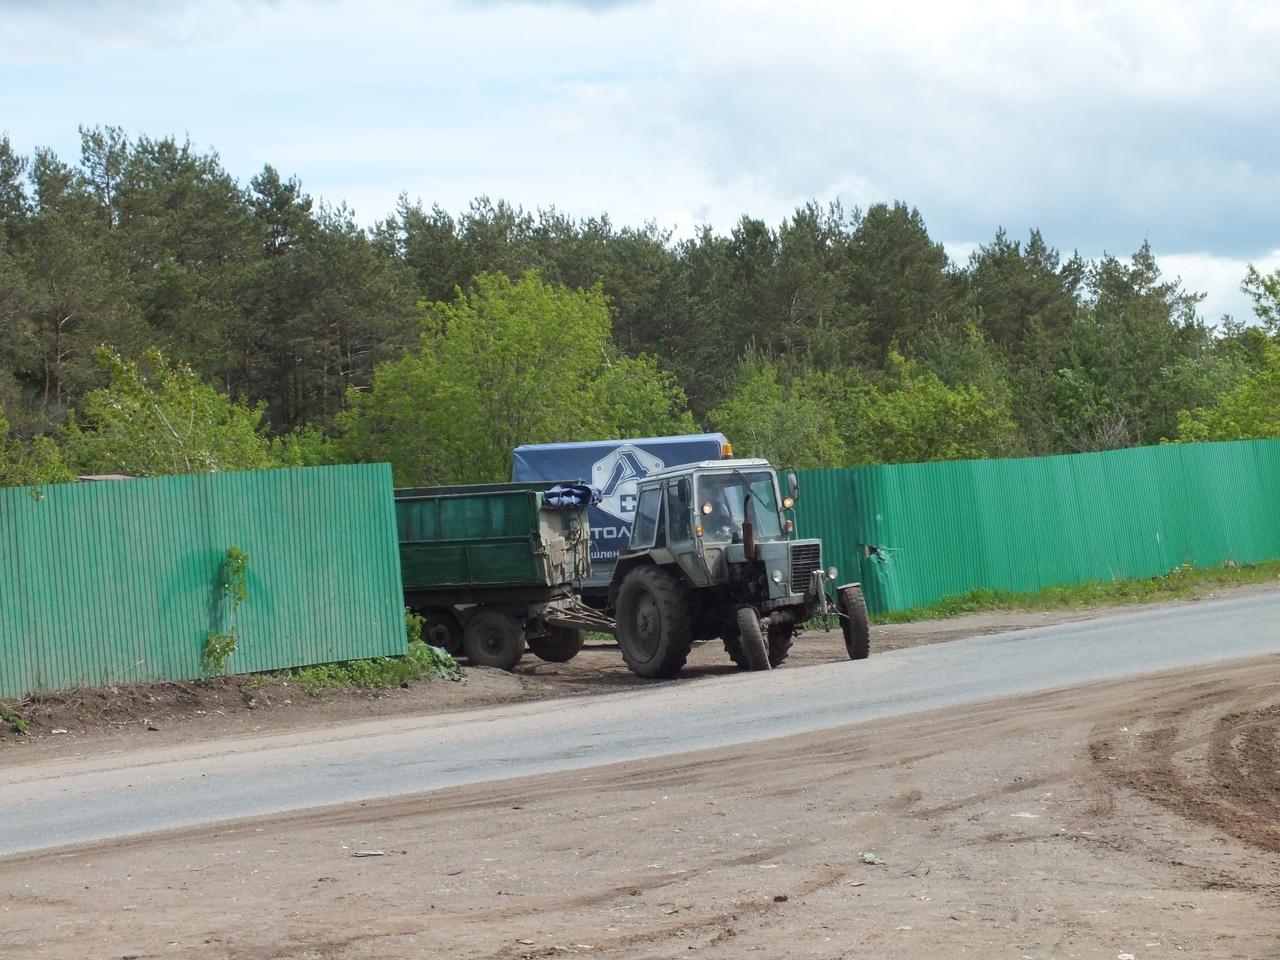 Мусорный трактор, Чайковский, 2018 год